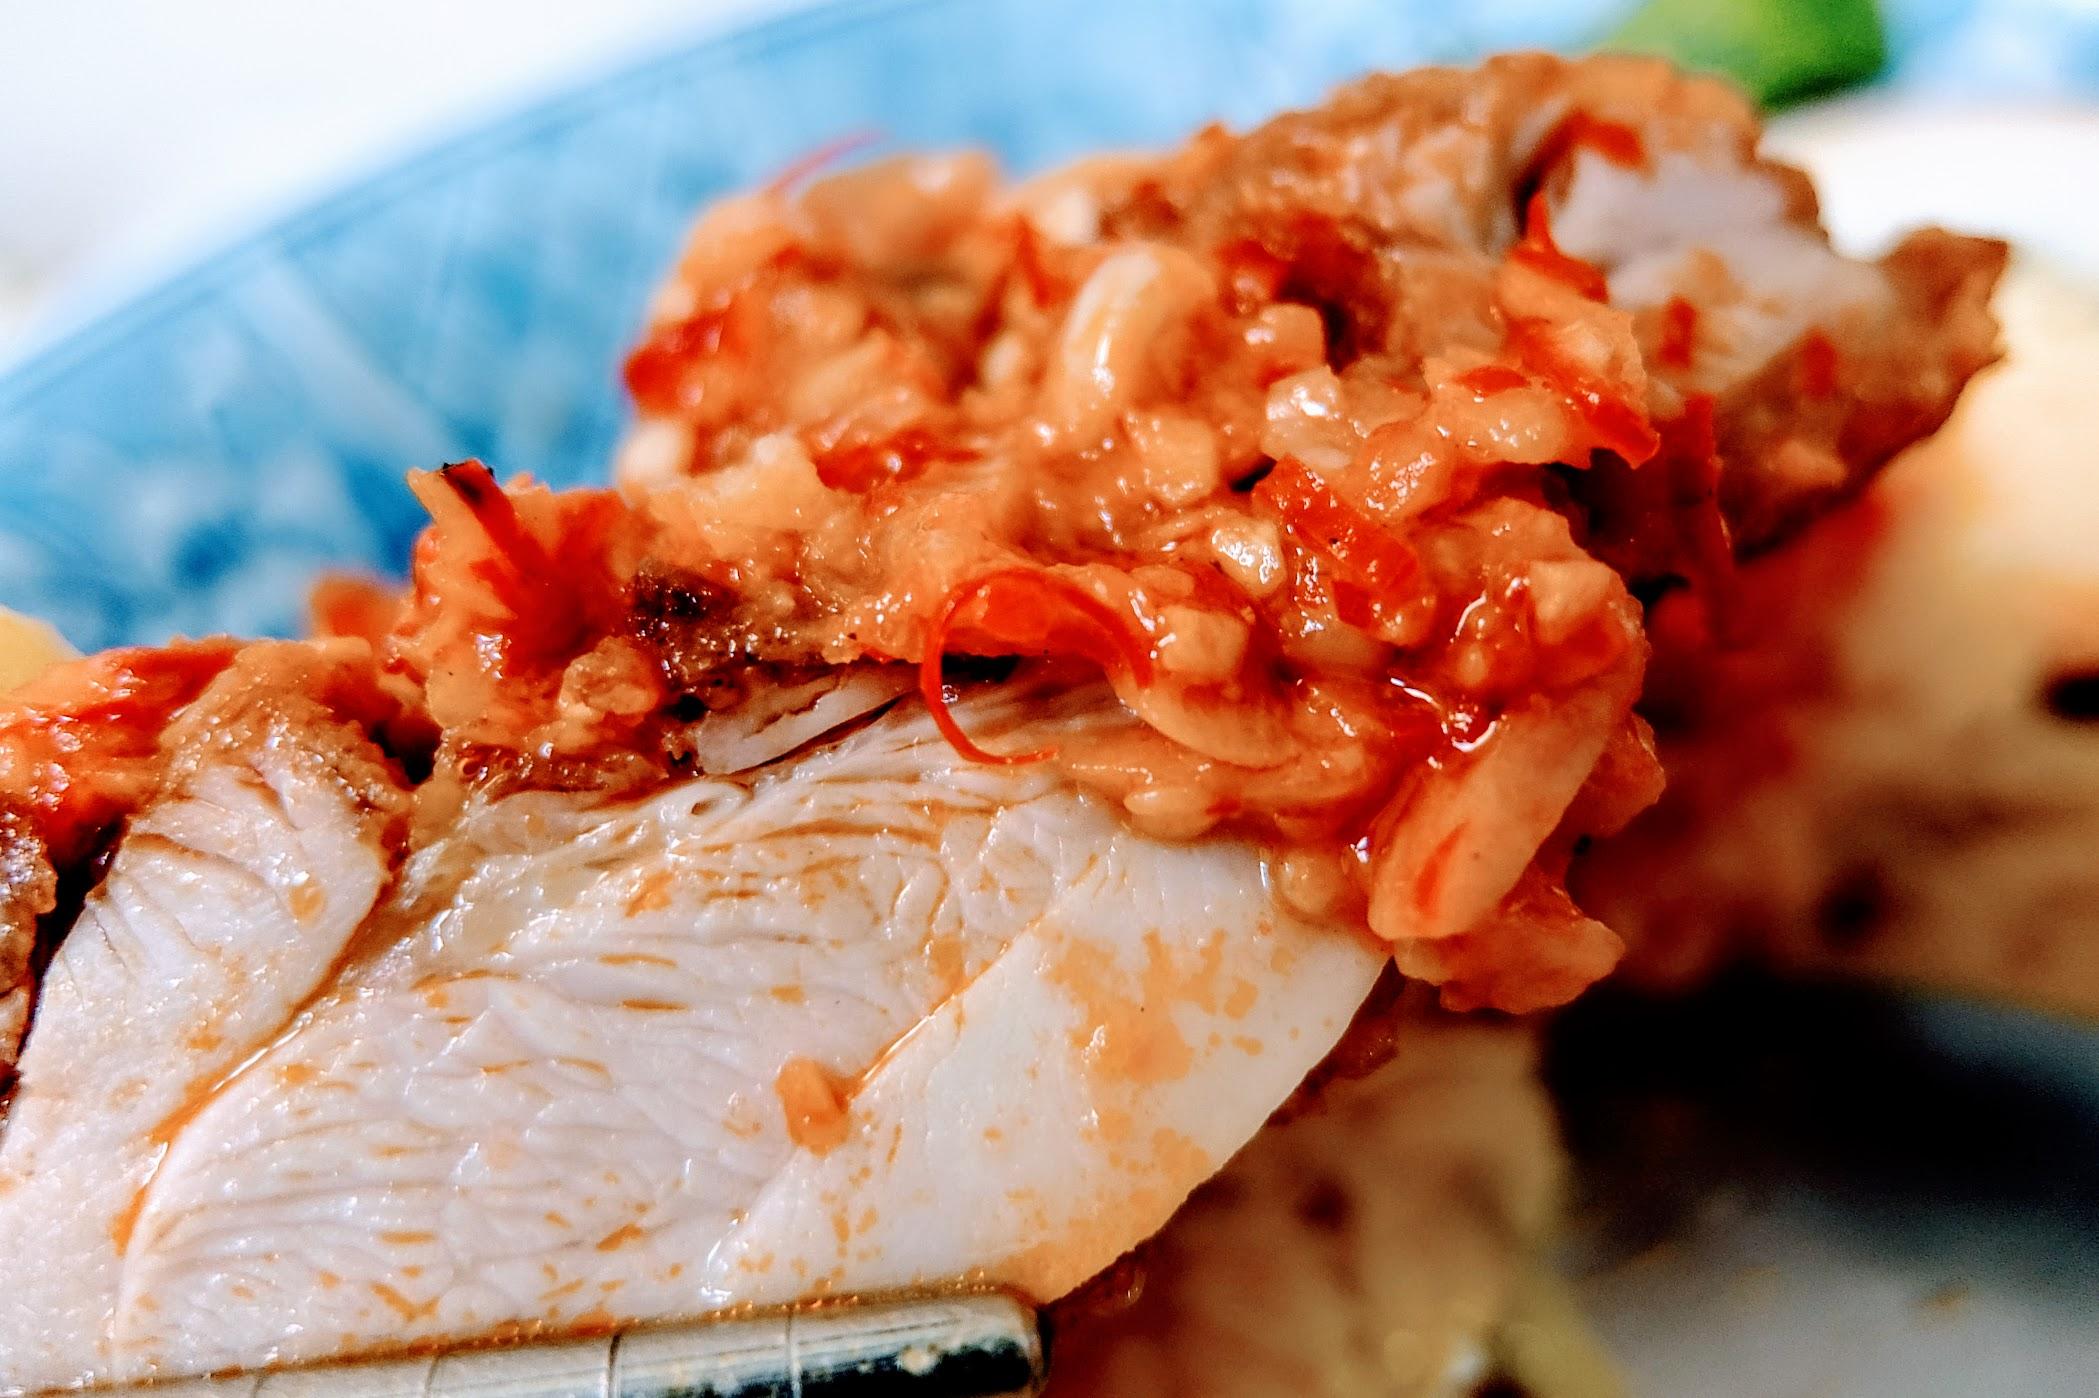 雞肉就是酥炸雞囉! 但因為上頭有放上這辣醬,所以肉略帶點辣...